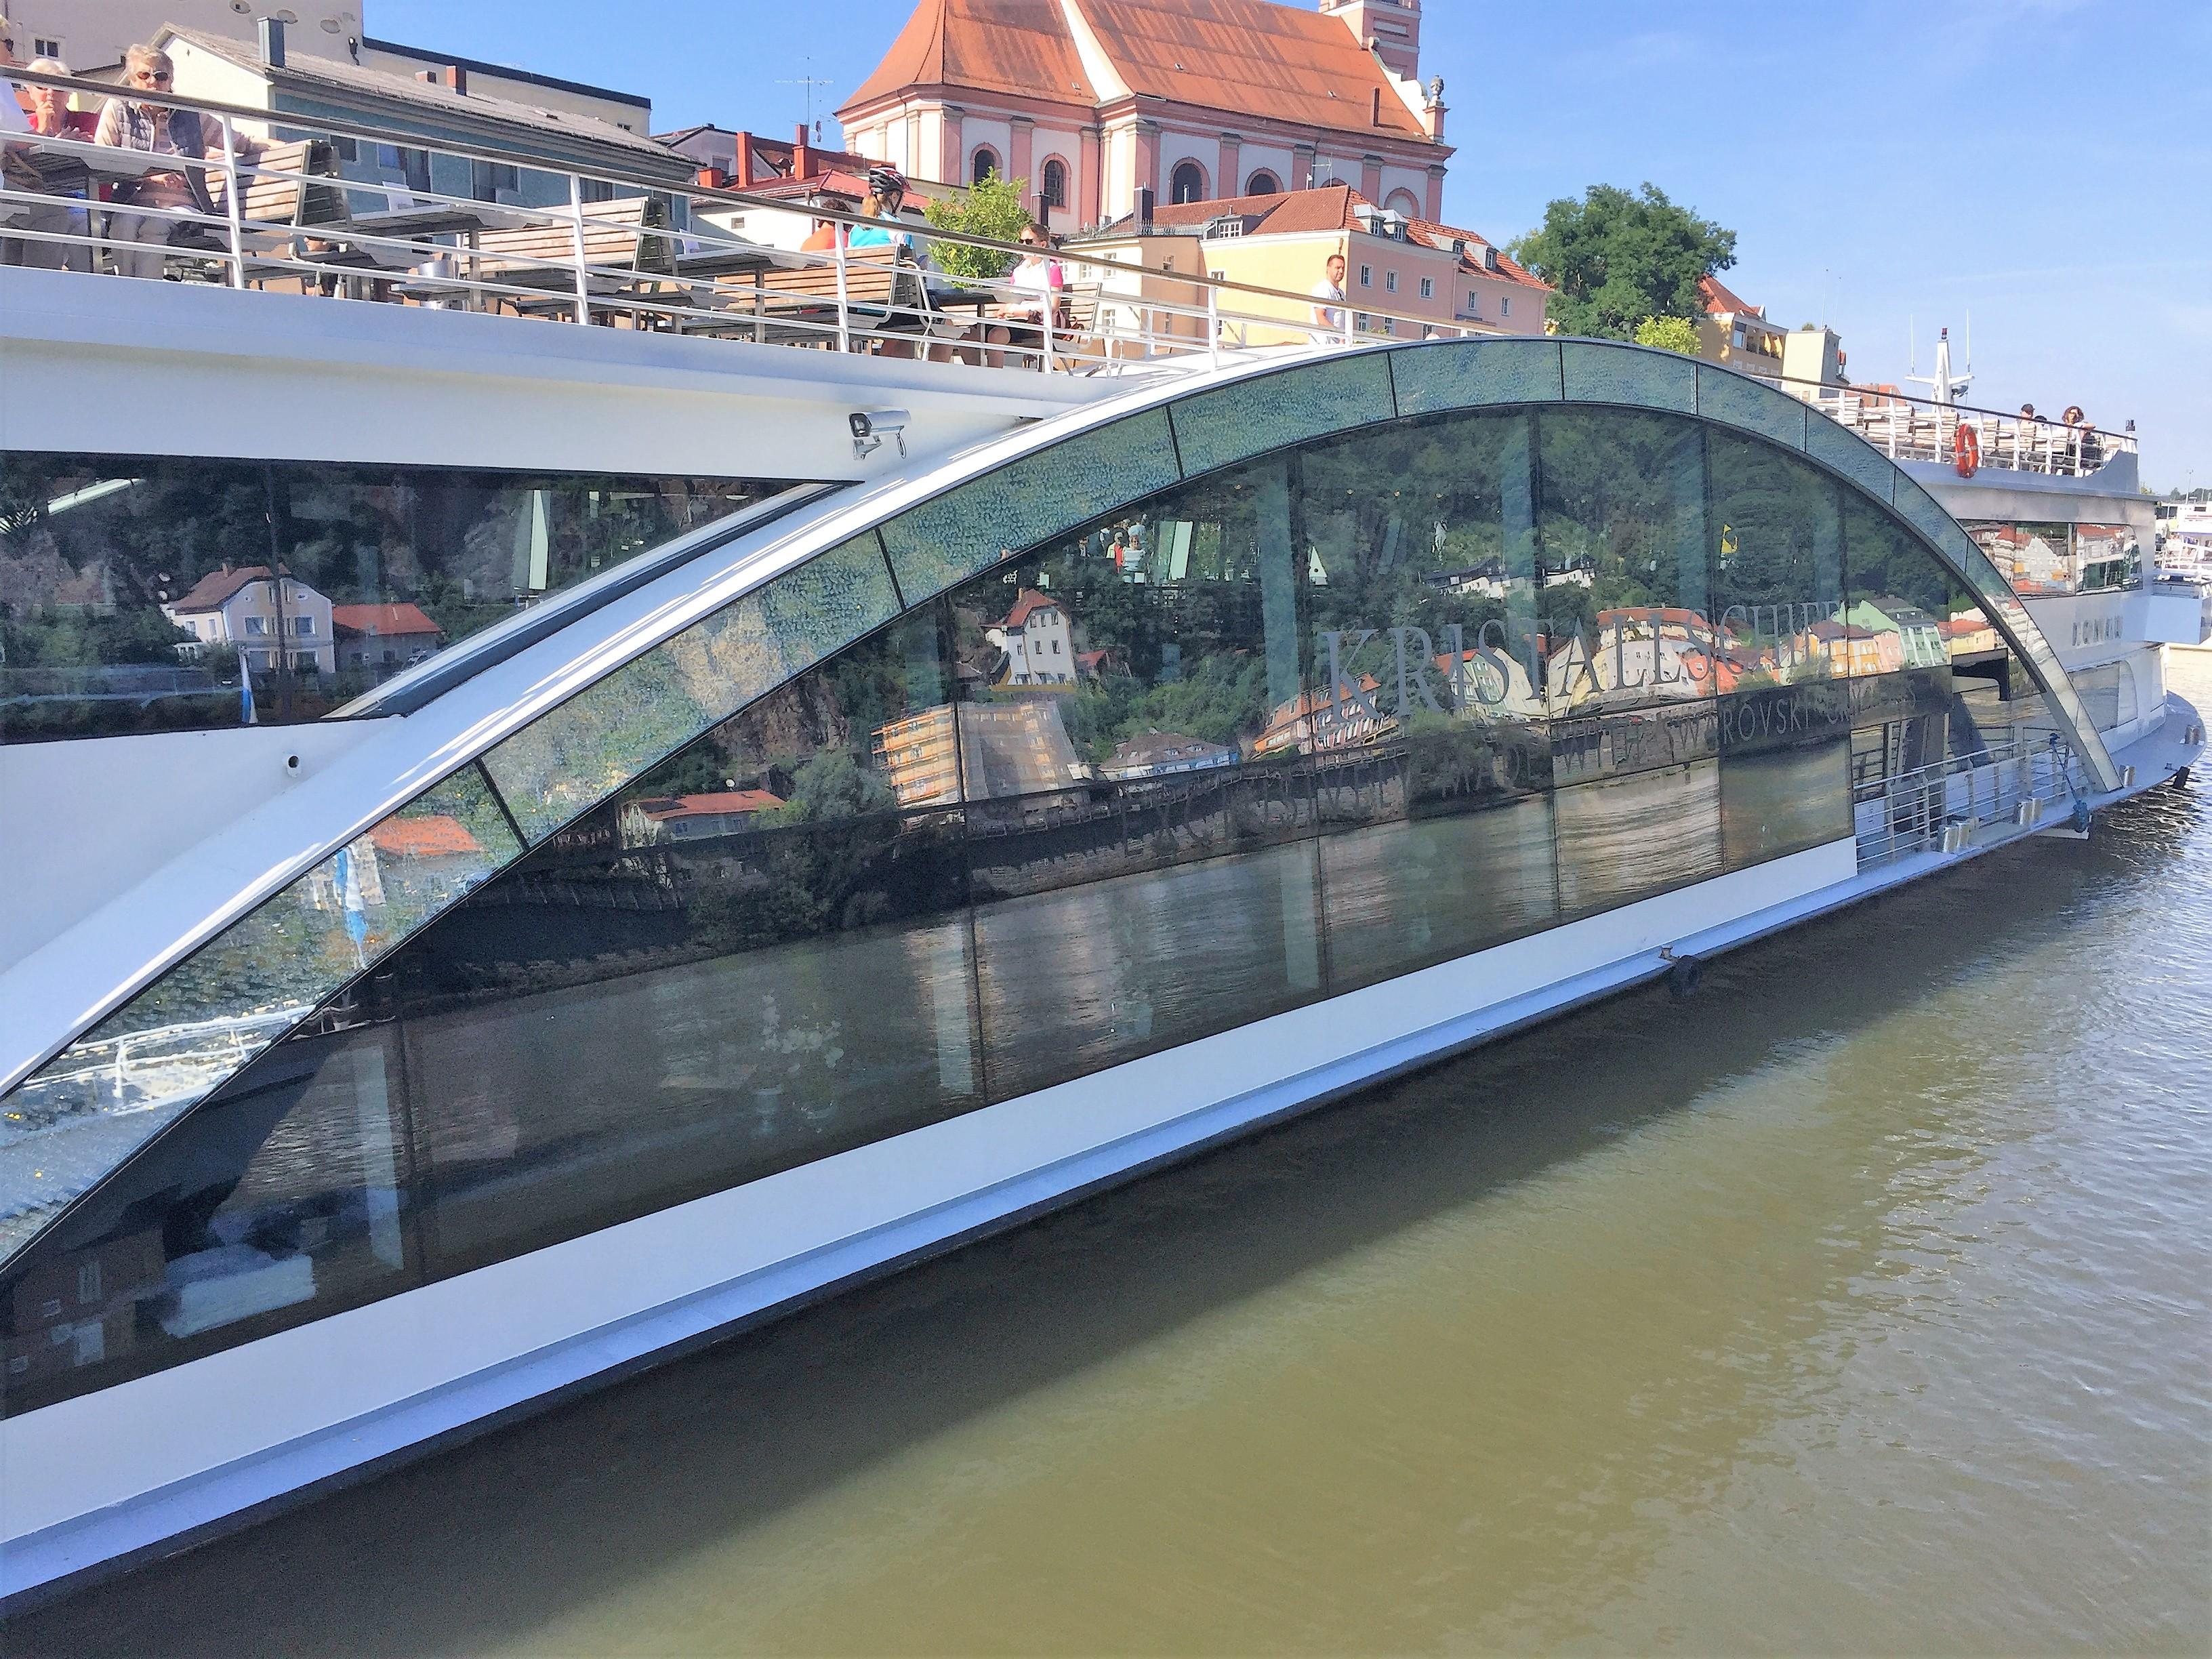 20160814 3 Passau (4)